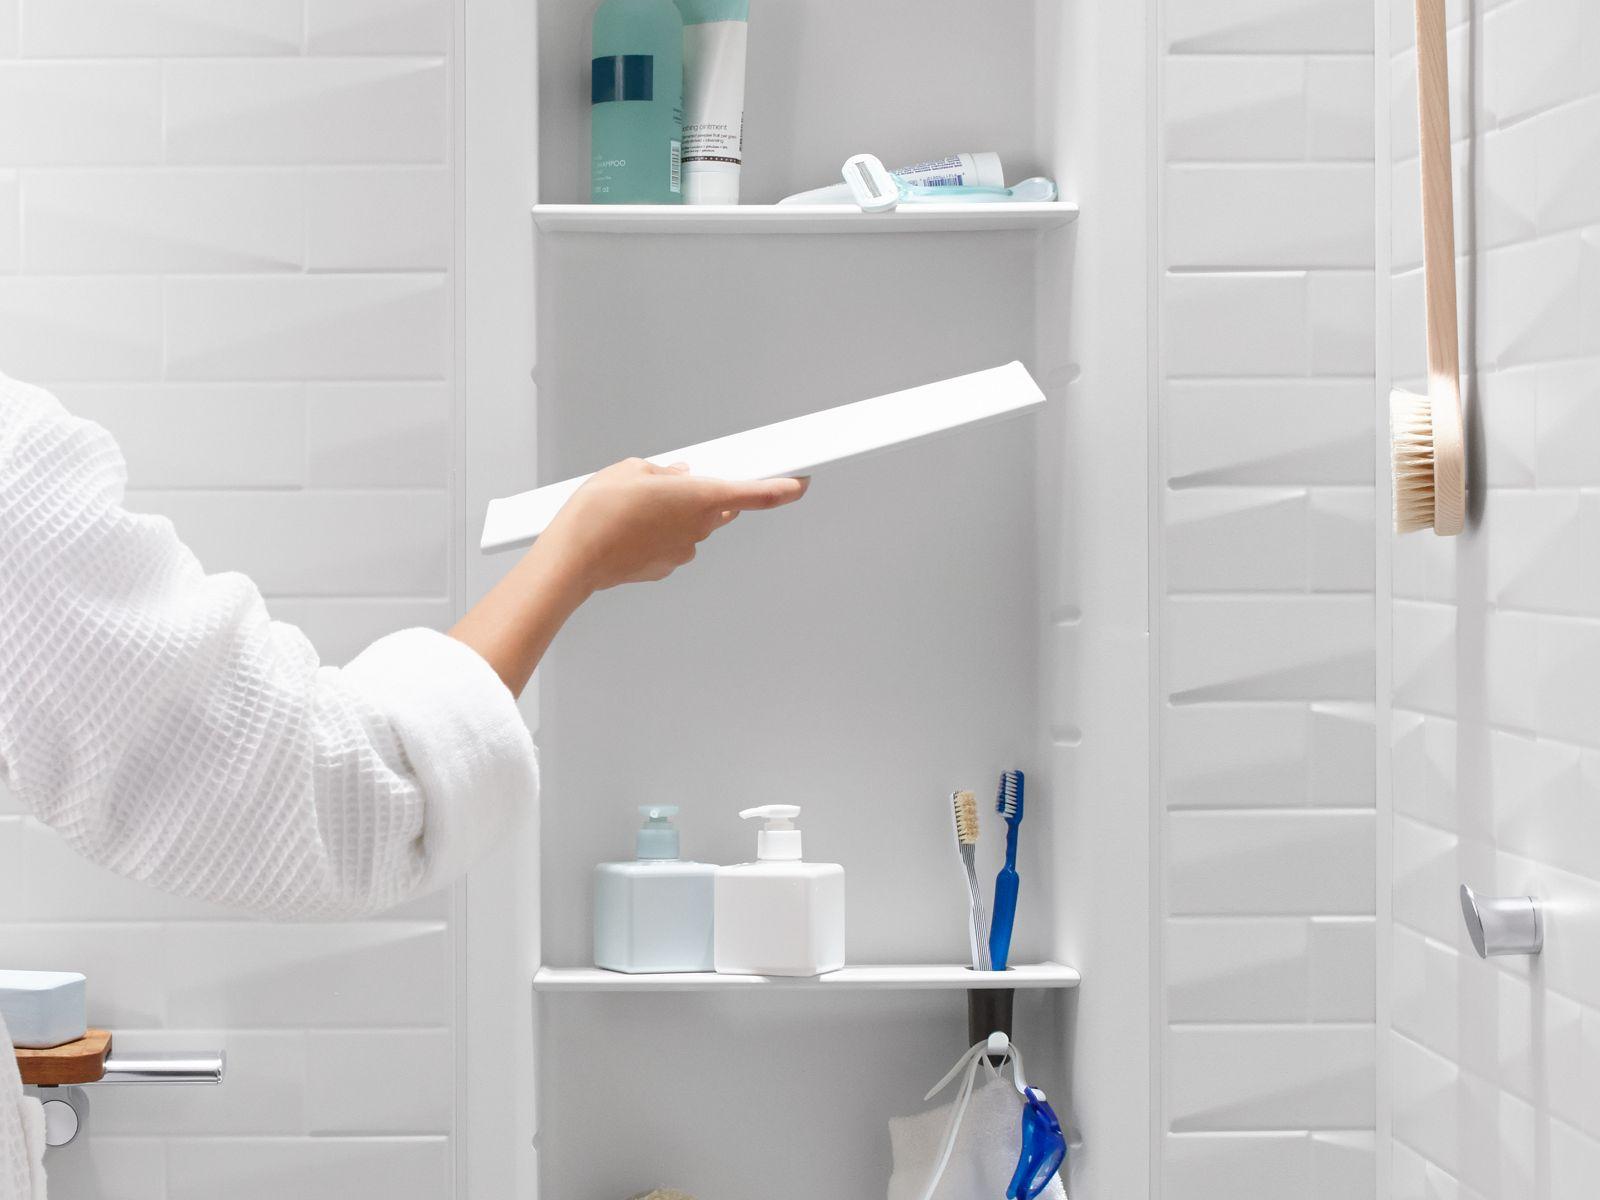 Best caulk for bathroom shower - Shower Lockers